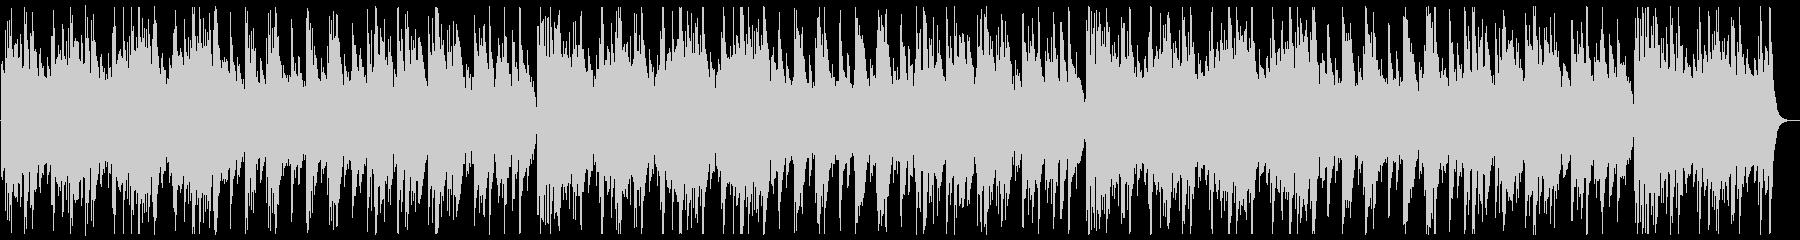 ふんわり変則感のある音階のオルゴールの曲の未再生の波形